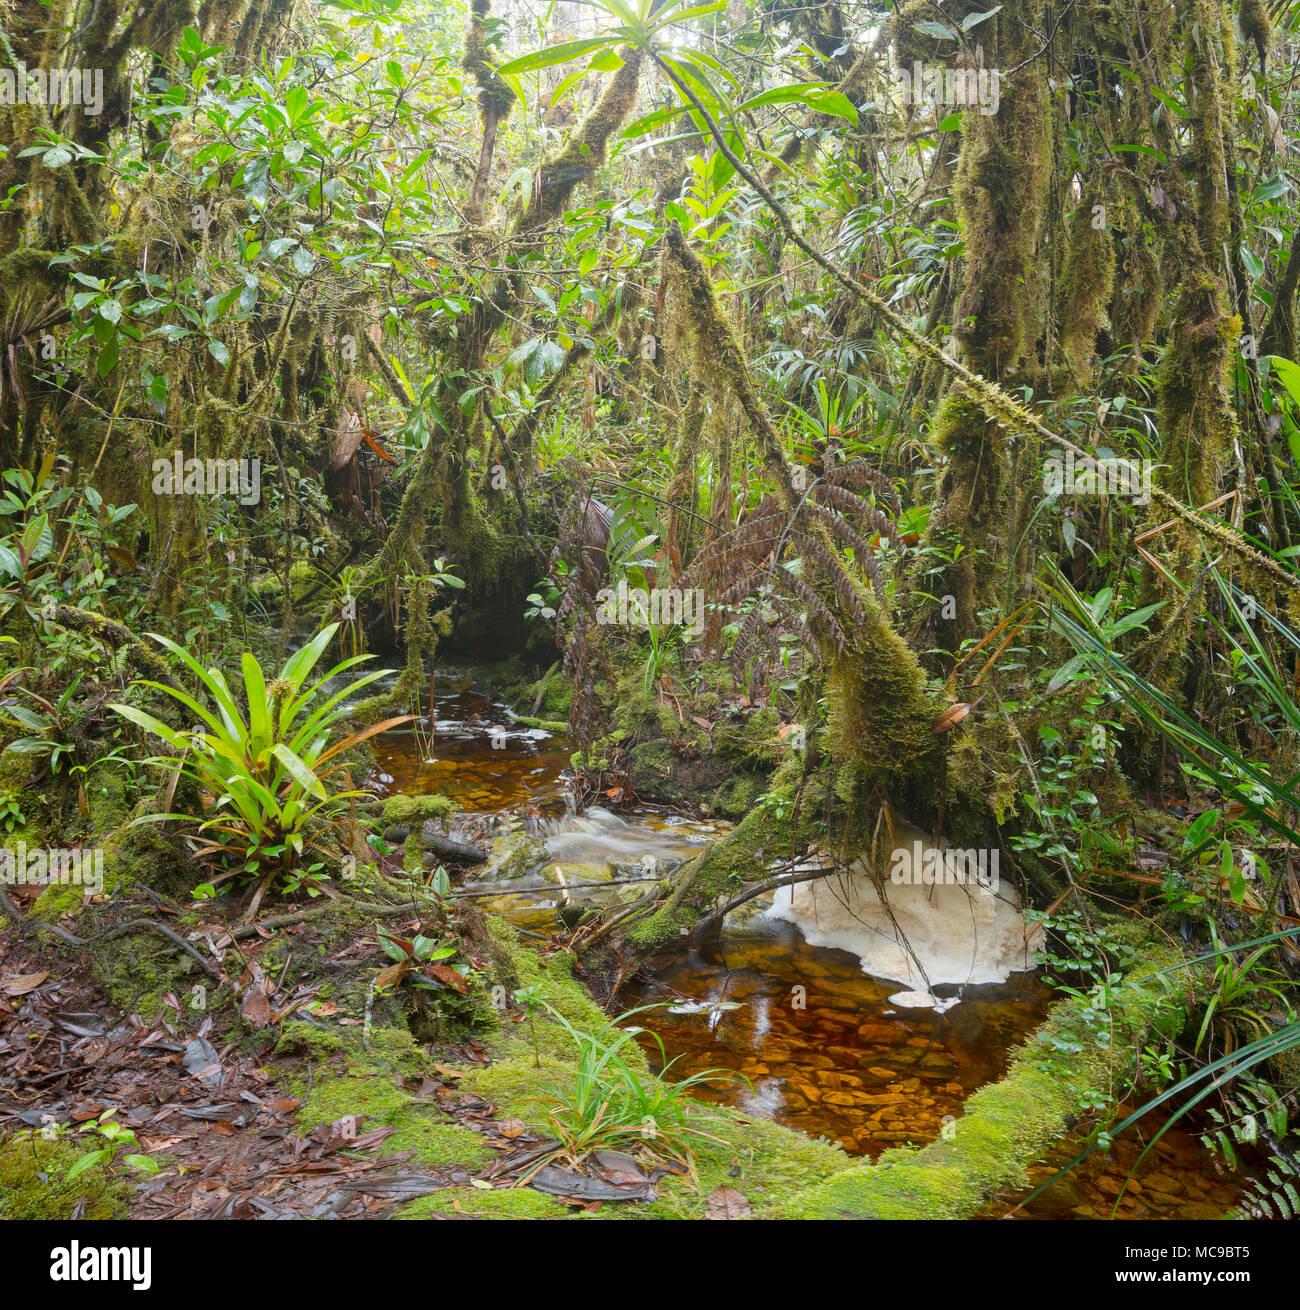 Blackwater stream in mossy montane rainforest at 1500m elevation. With natural river foam. Above Rio Nangaritza, Cordillera del Condor, Ecuador - Stock Image